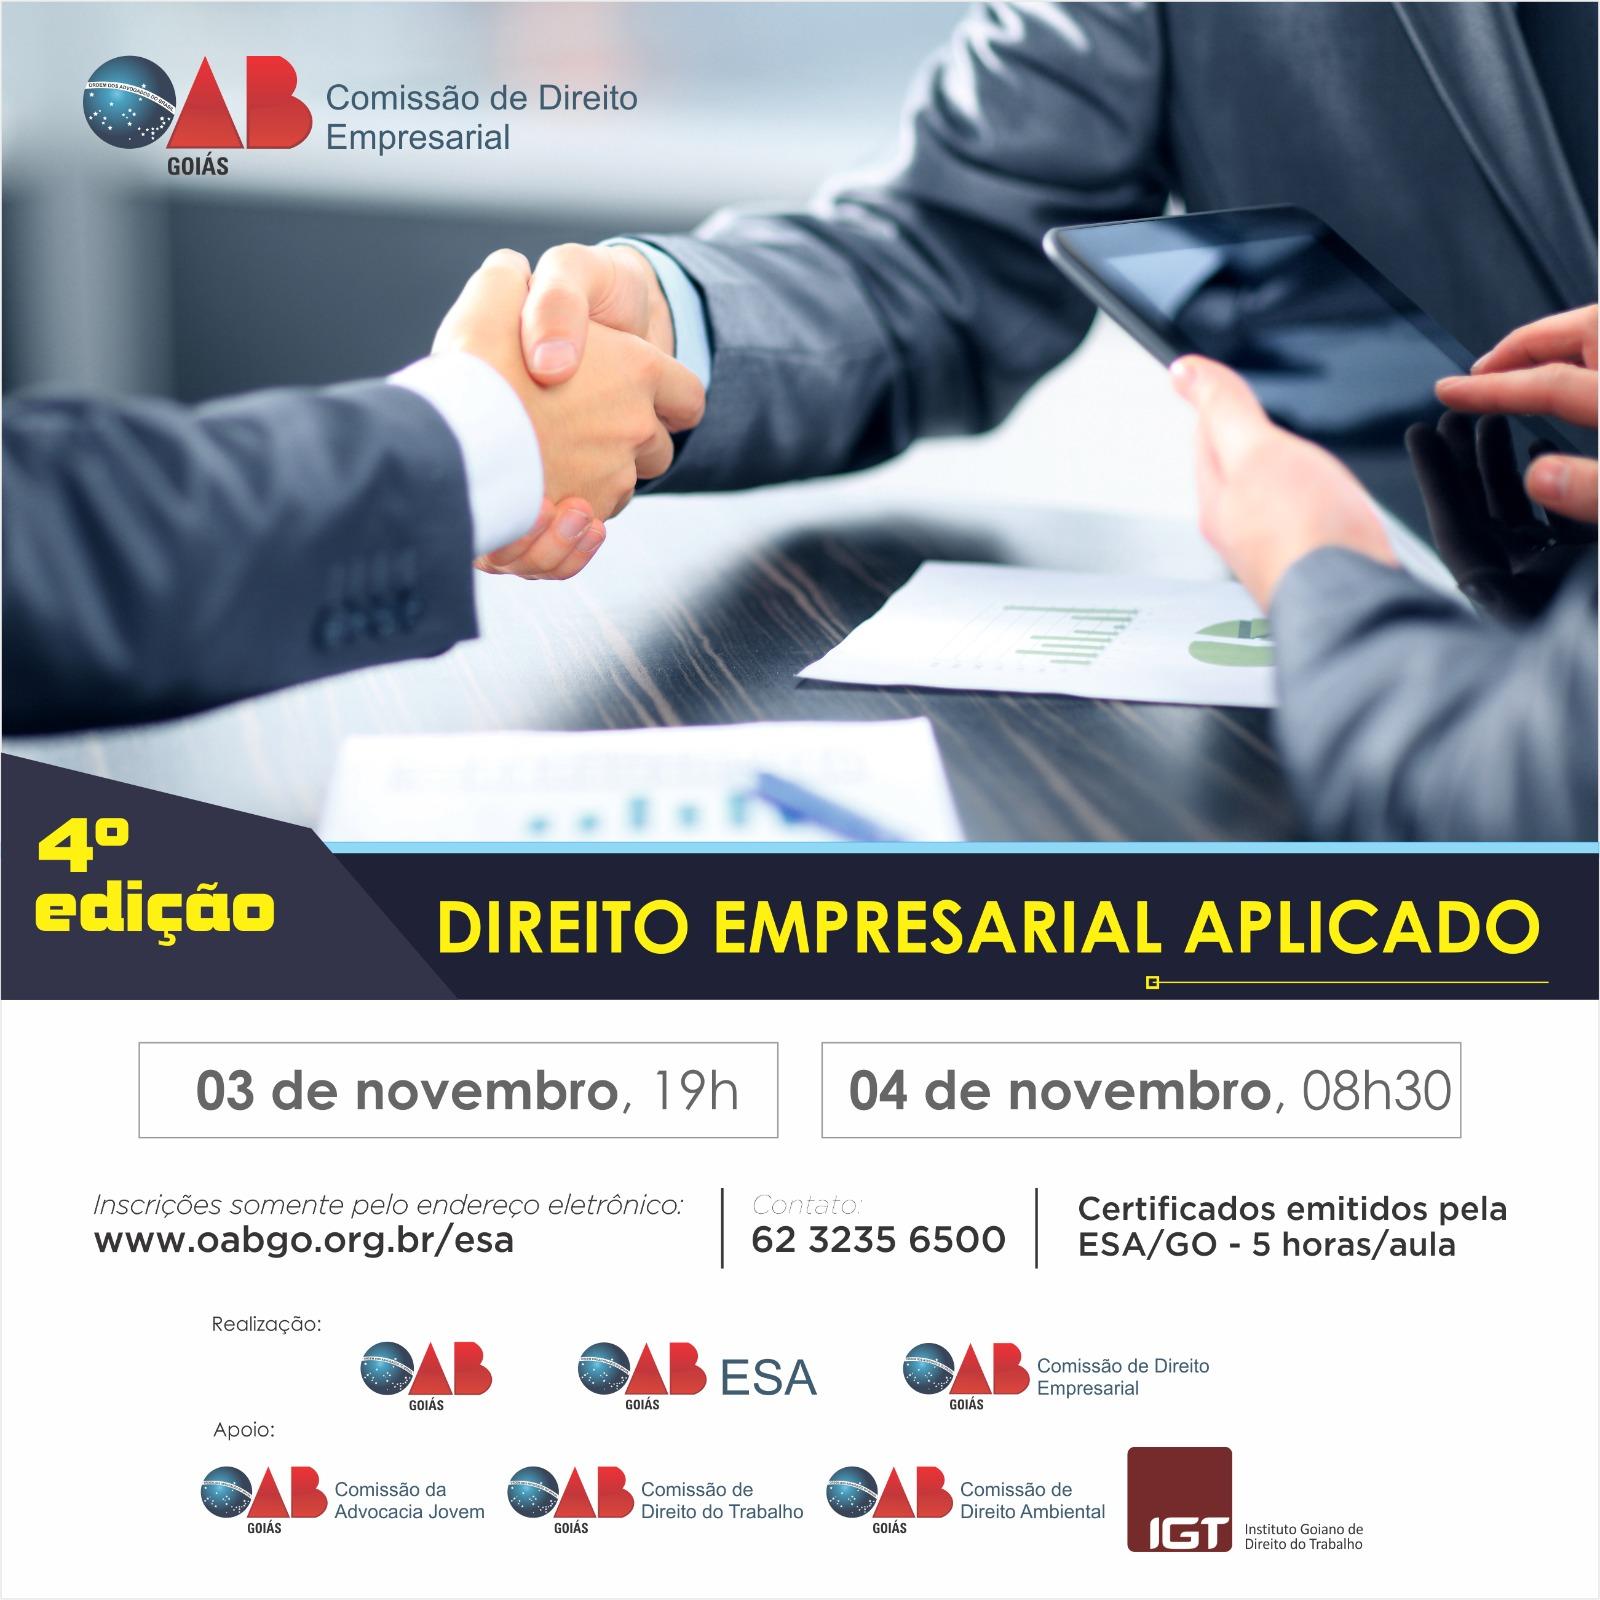 03 e 04/11 - Direito Empresarial Aplicado